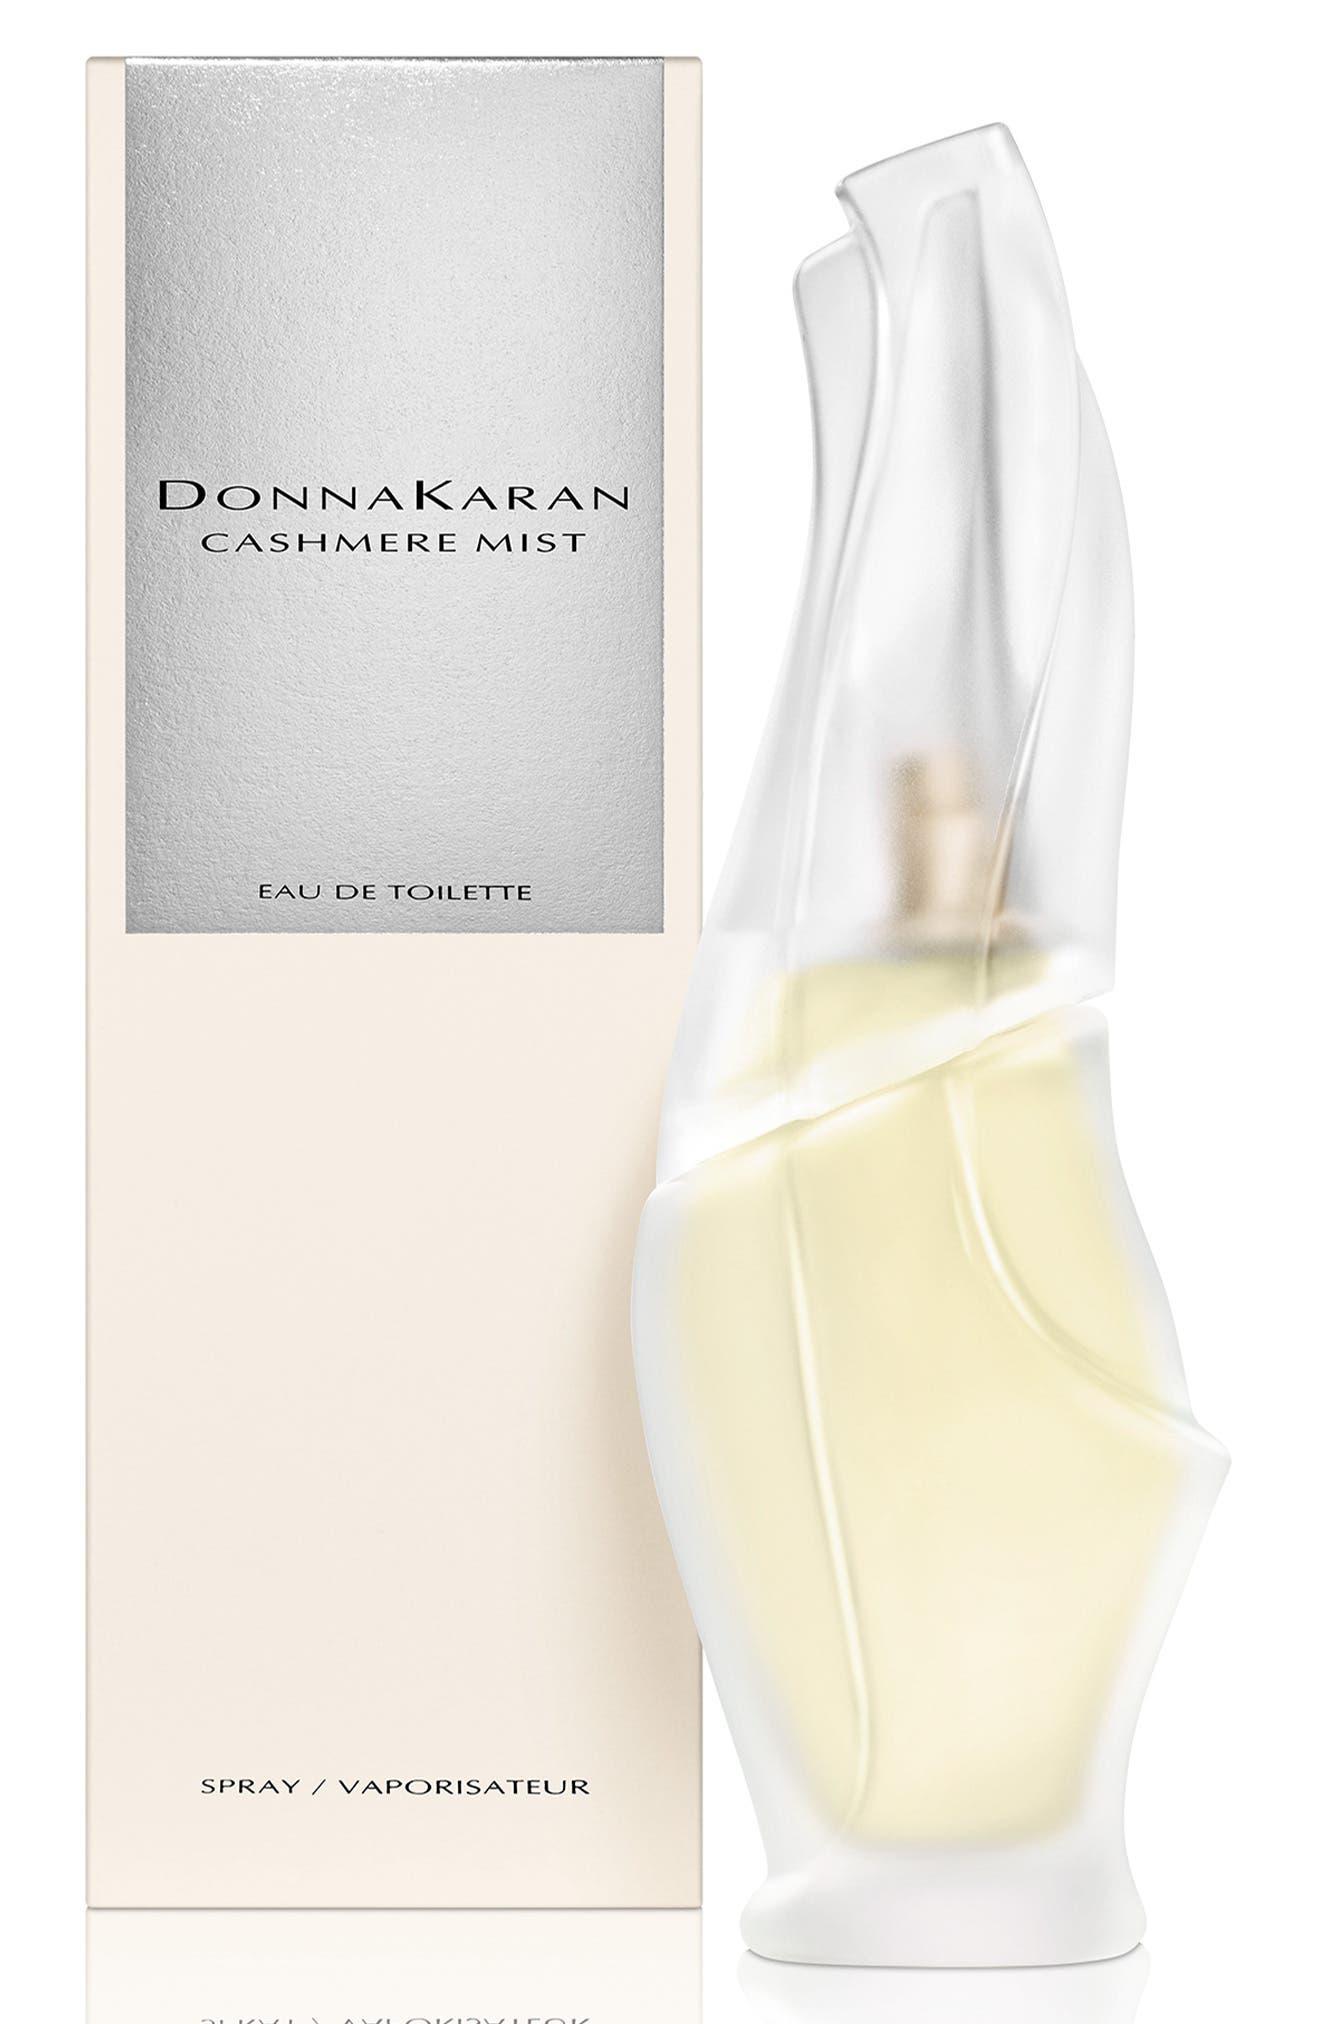 Image of Donna Karan Cashmere Mist Eau de Toilette Spray - 3.4 fl. oz.